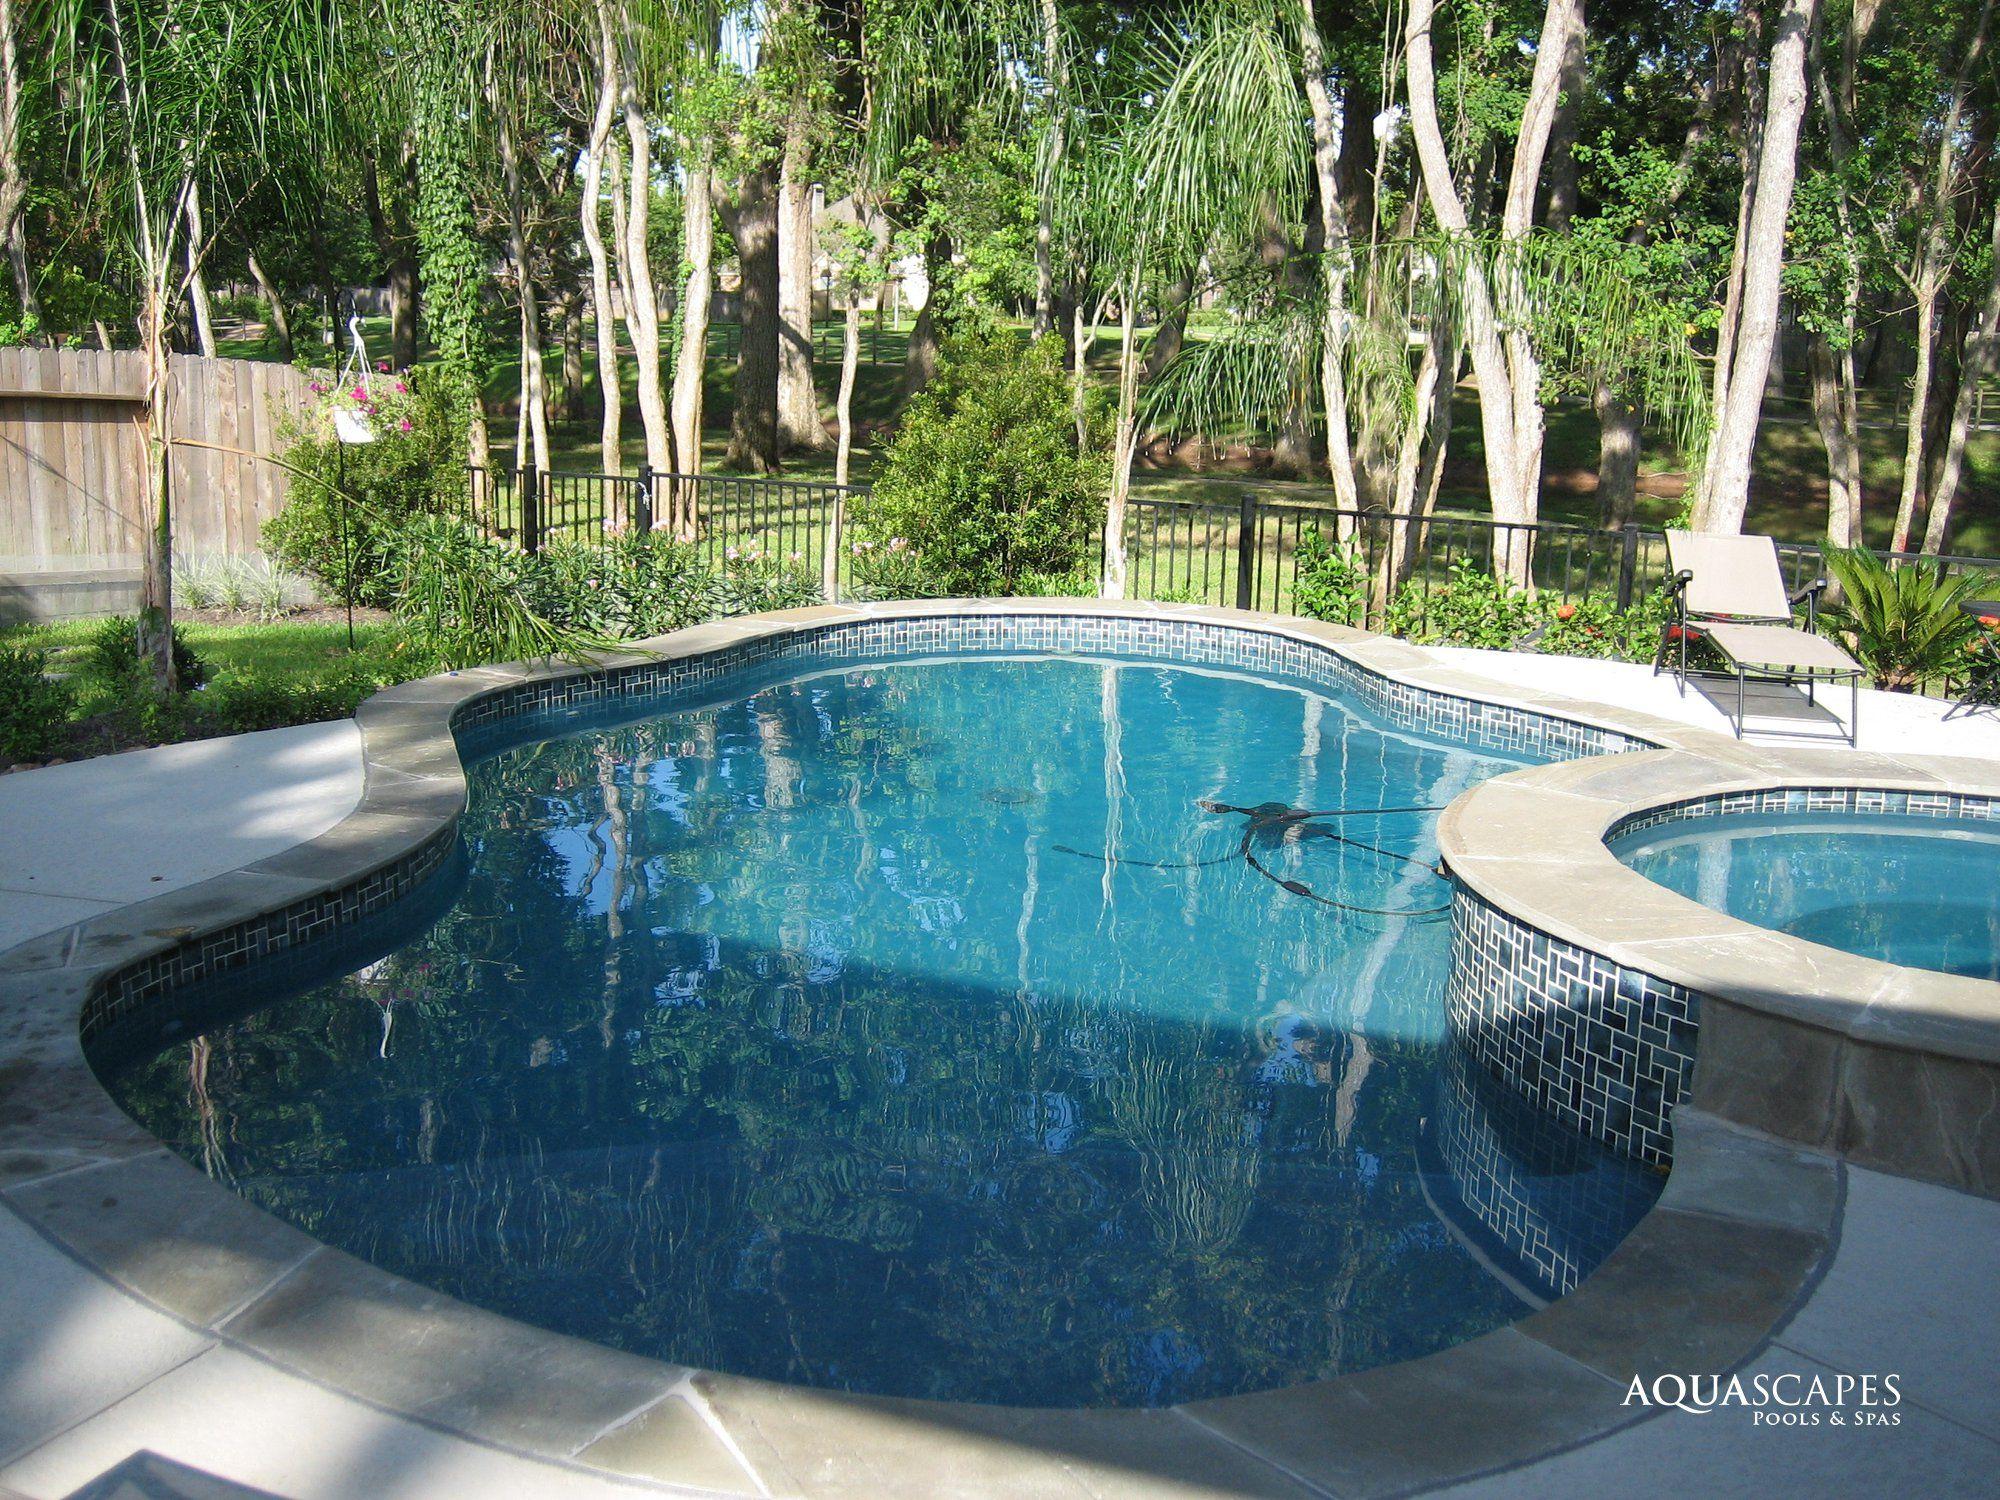 Custom Pools and Spas | Pool, Spa pool, Custom pools